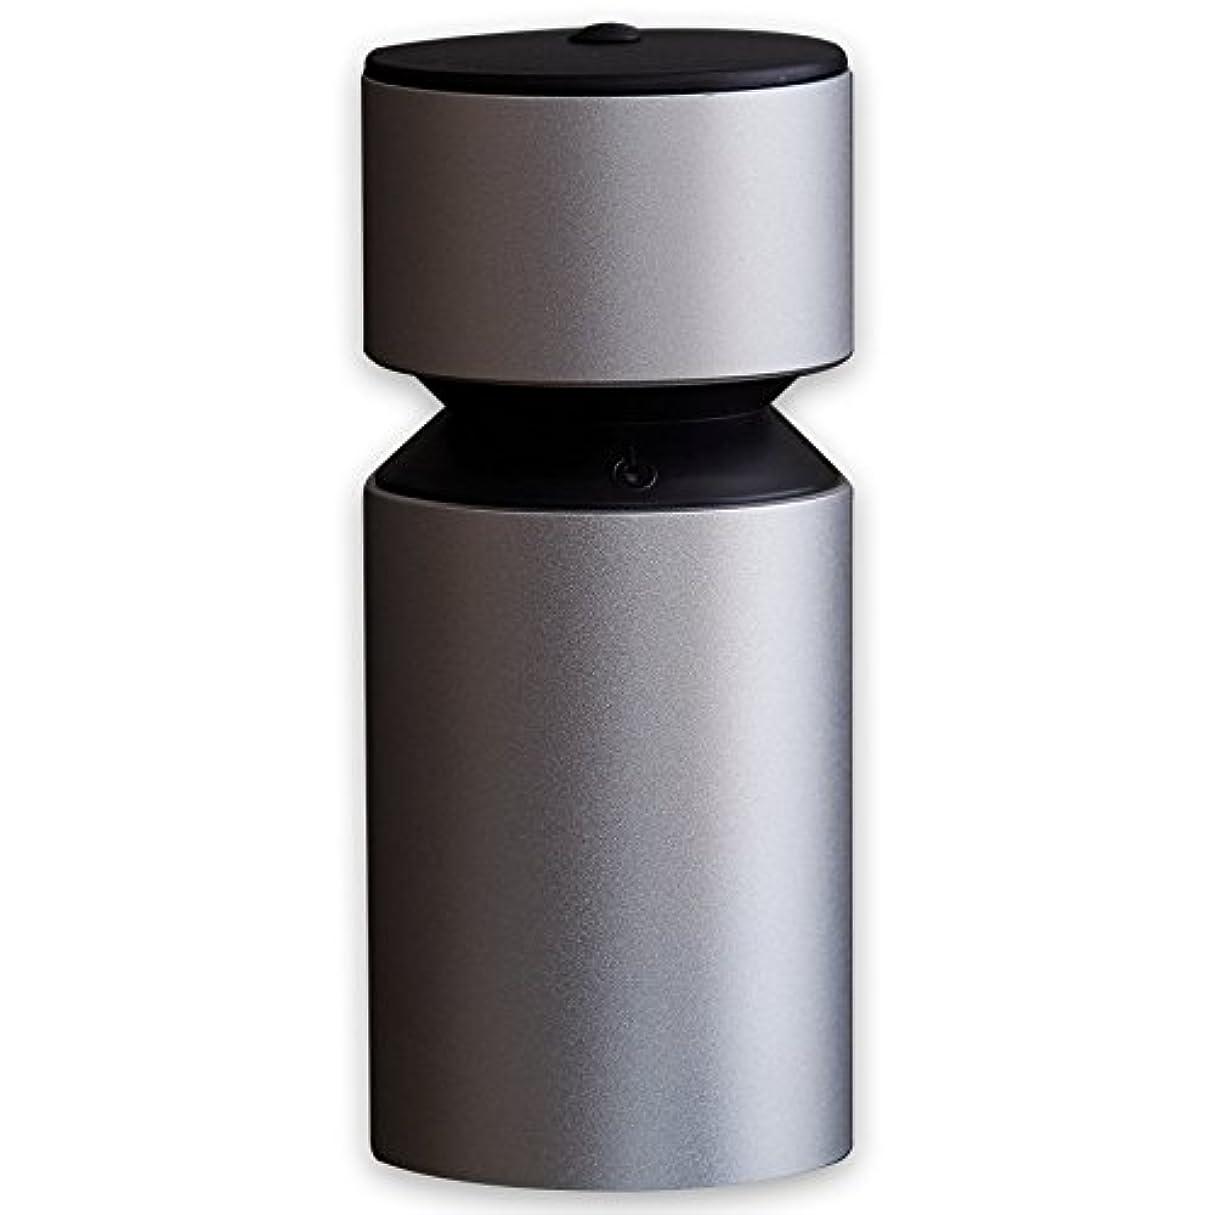 適切なガラス忌み嫌うアロマディフューザー UR-AROMA03 卓上 小型 加湿器 Uruon(ウルオン) オーガニックアロマオイル対応 天然アロマオイル AROMA ポータブル usb コンパクト 充電式 タンブラー 2way アロマドロップ方式